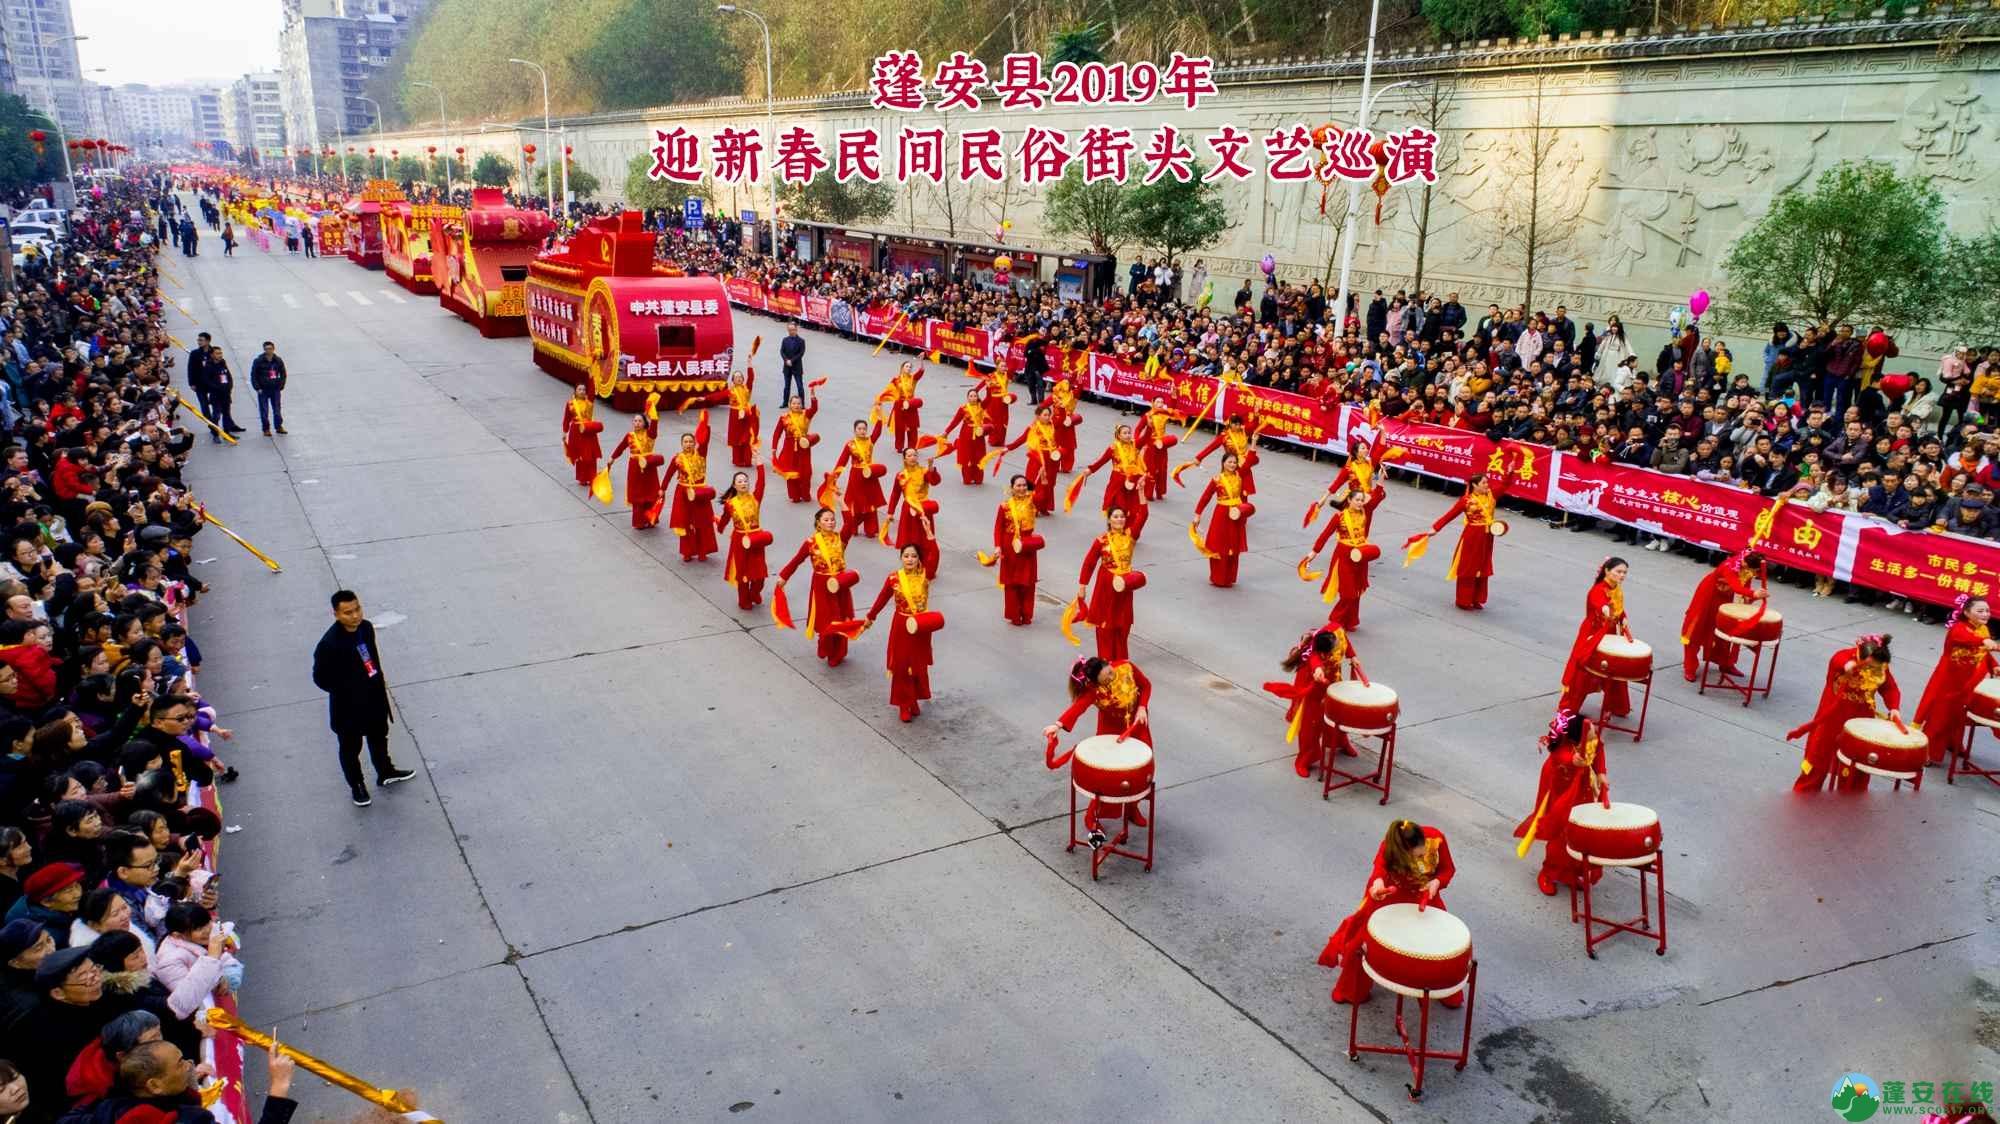 蓬安县2019年迎新春民间民俗街头文艺巡演精彩片段 - 第14张  | 蓬安在线